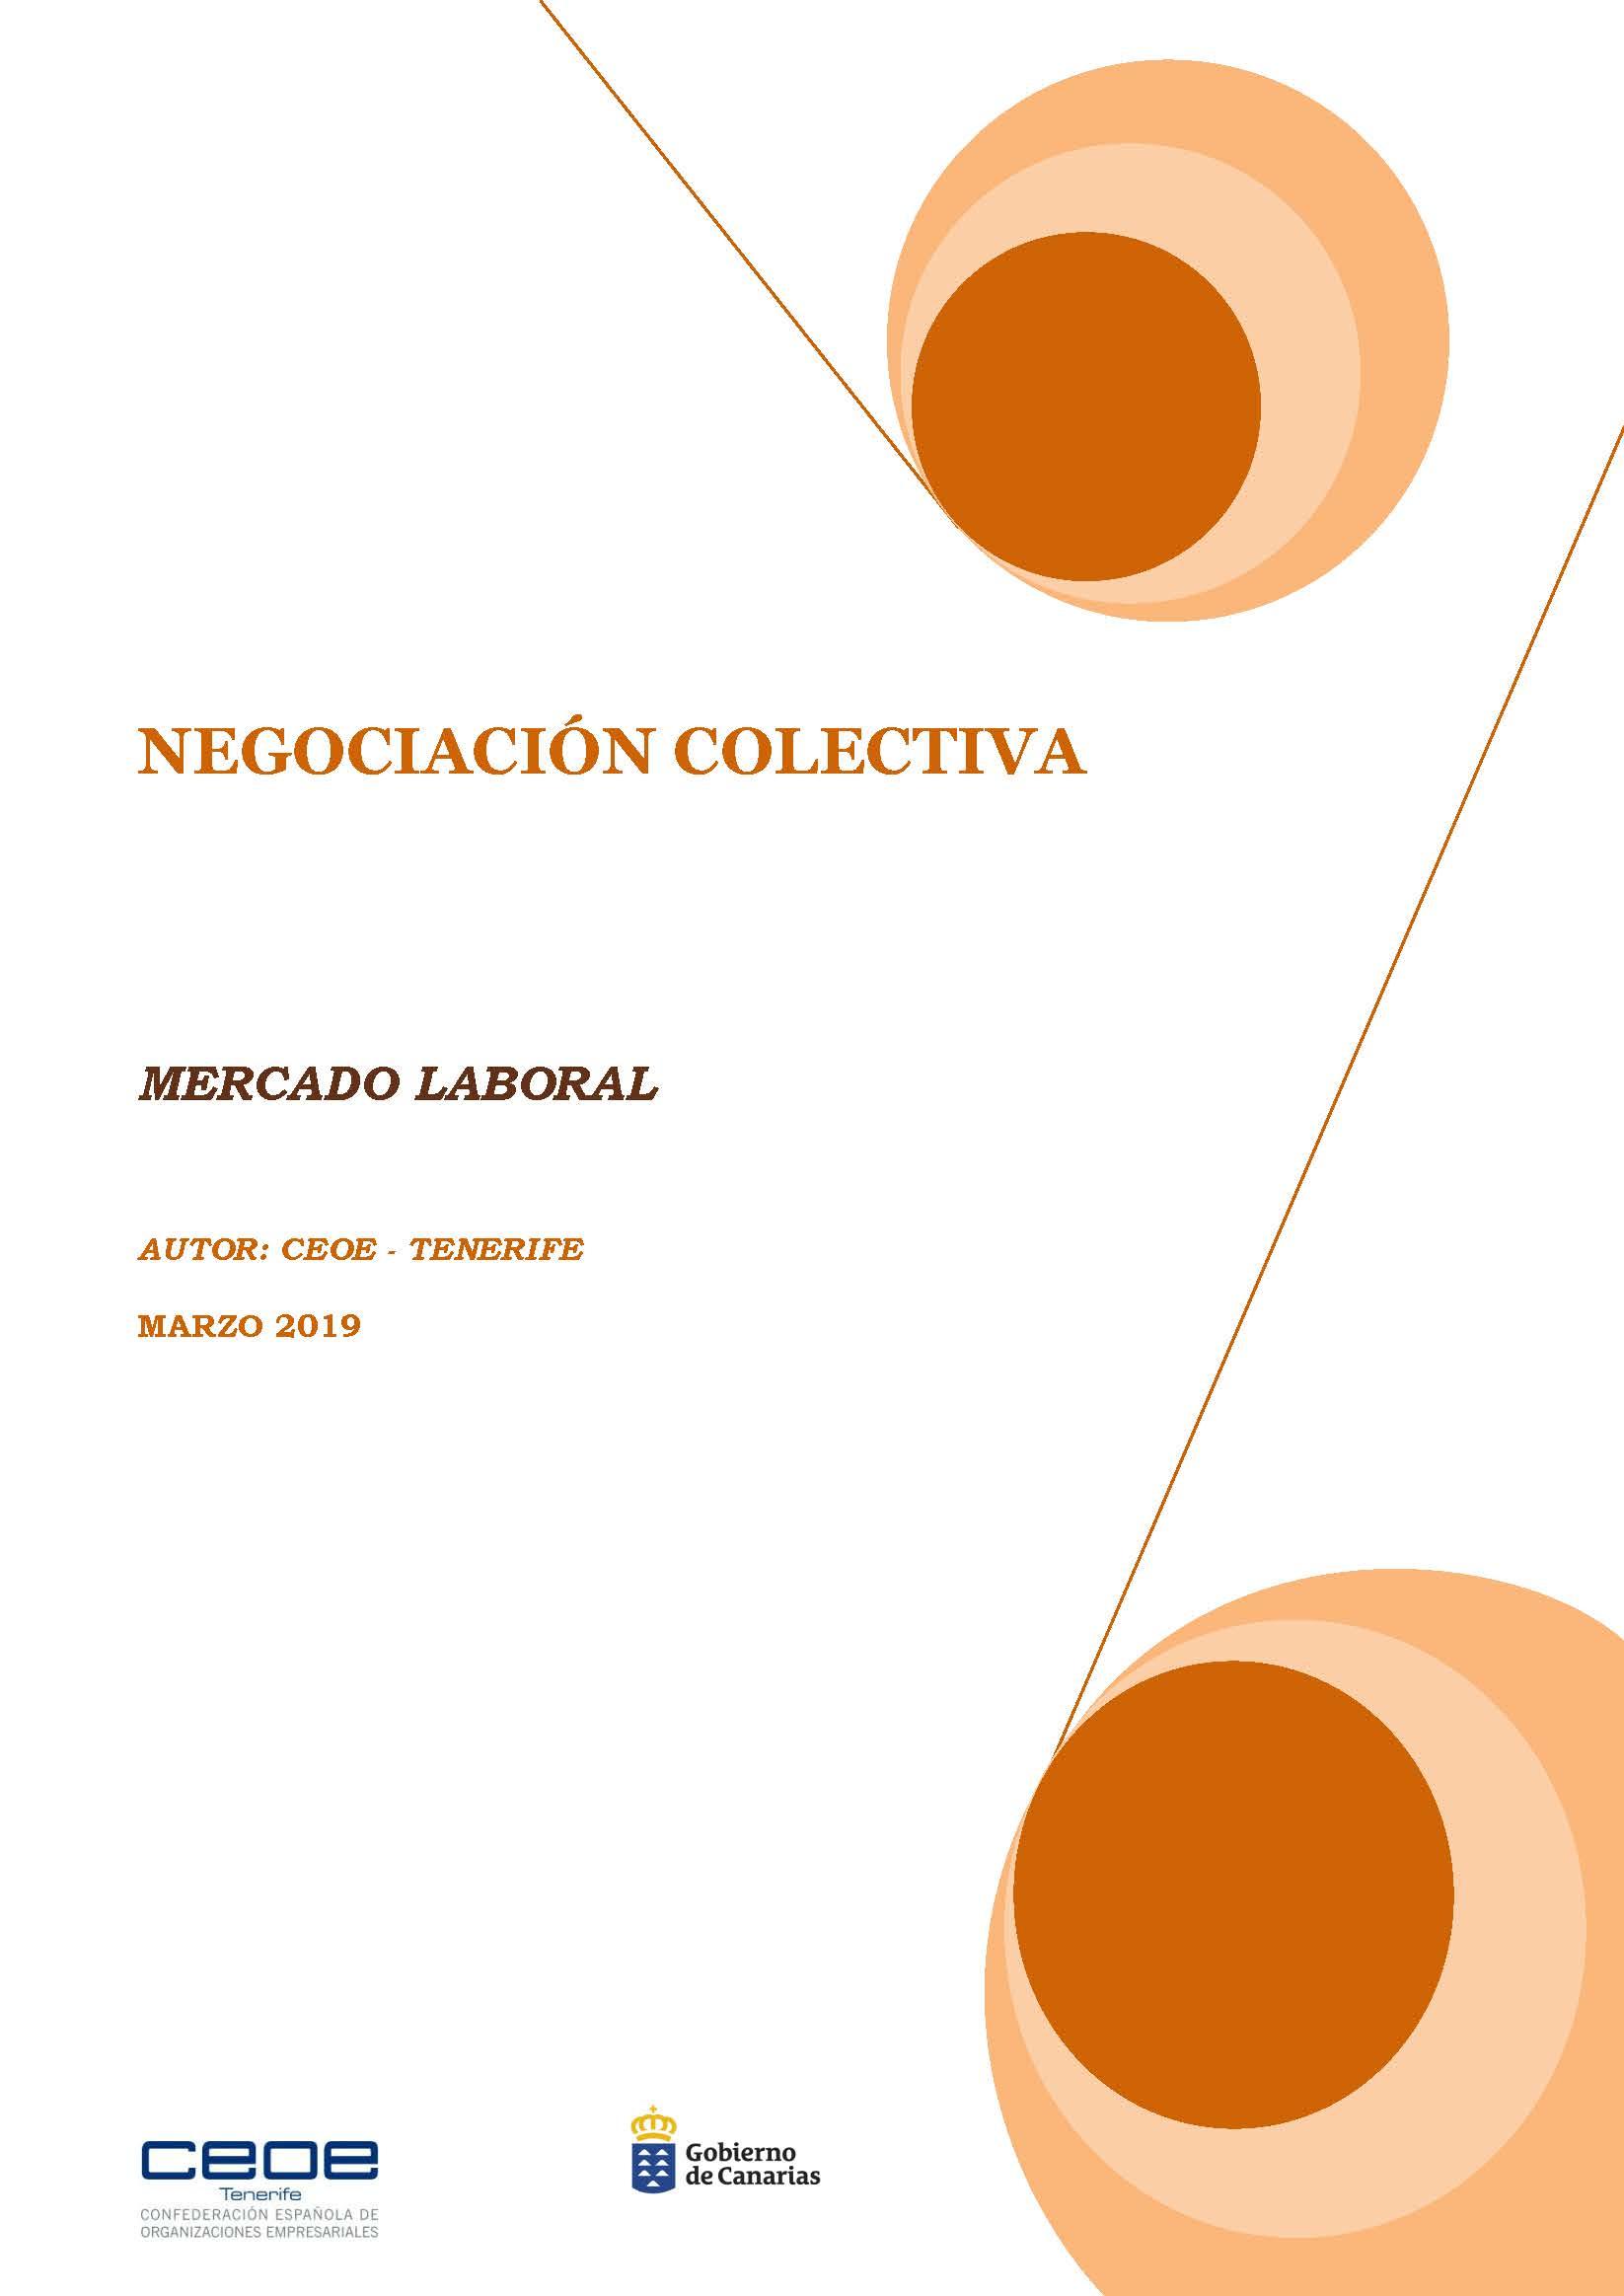 MERCADO LABORAL - NEGOCIACION COLECTIVA MARZO 2019